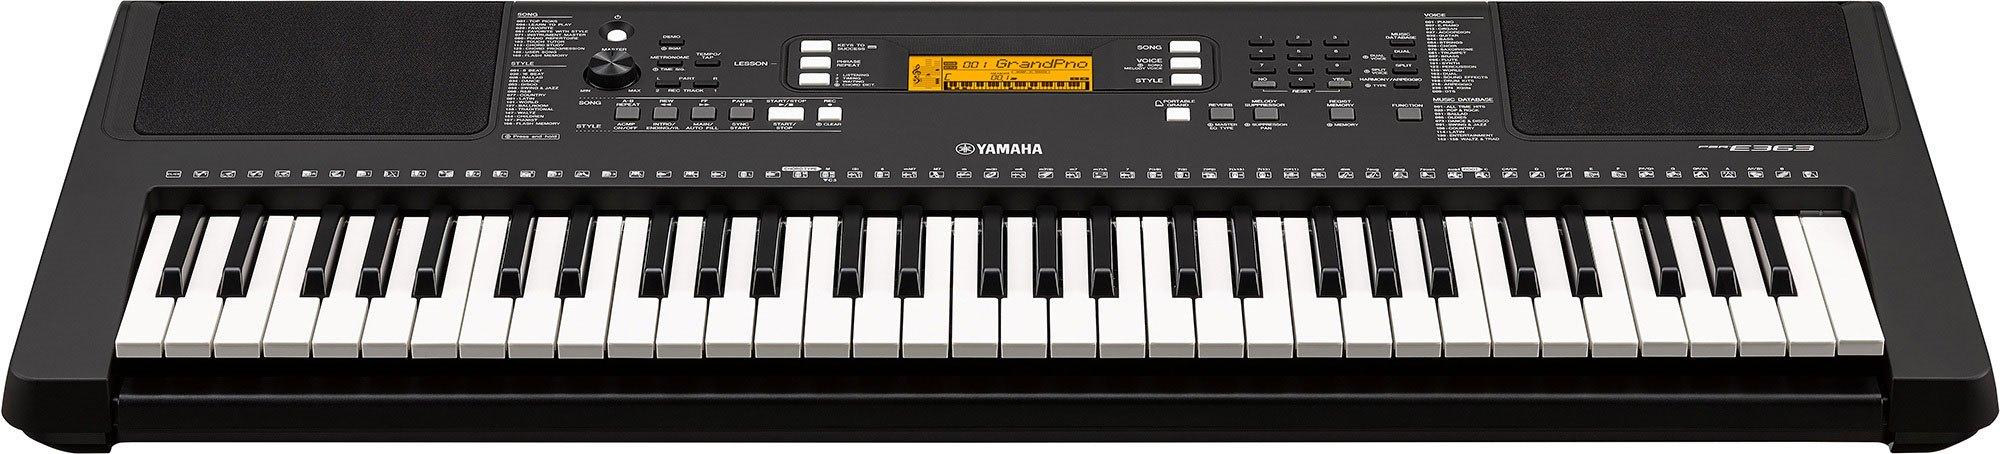 Yamaha PSR-E353 Draagbaar Keyboard